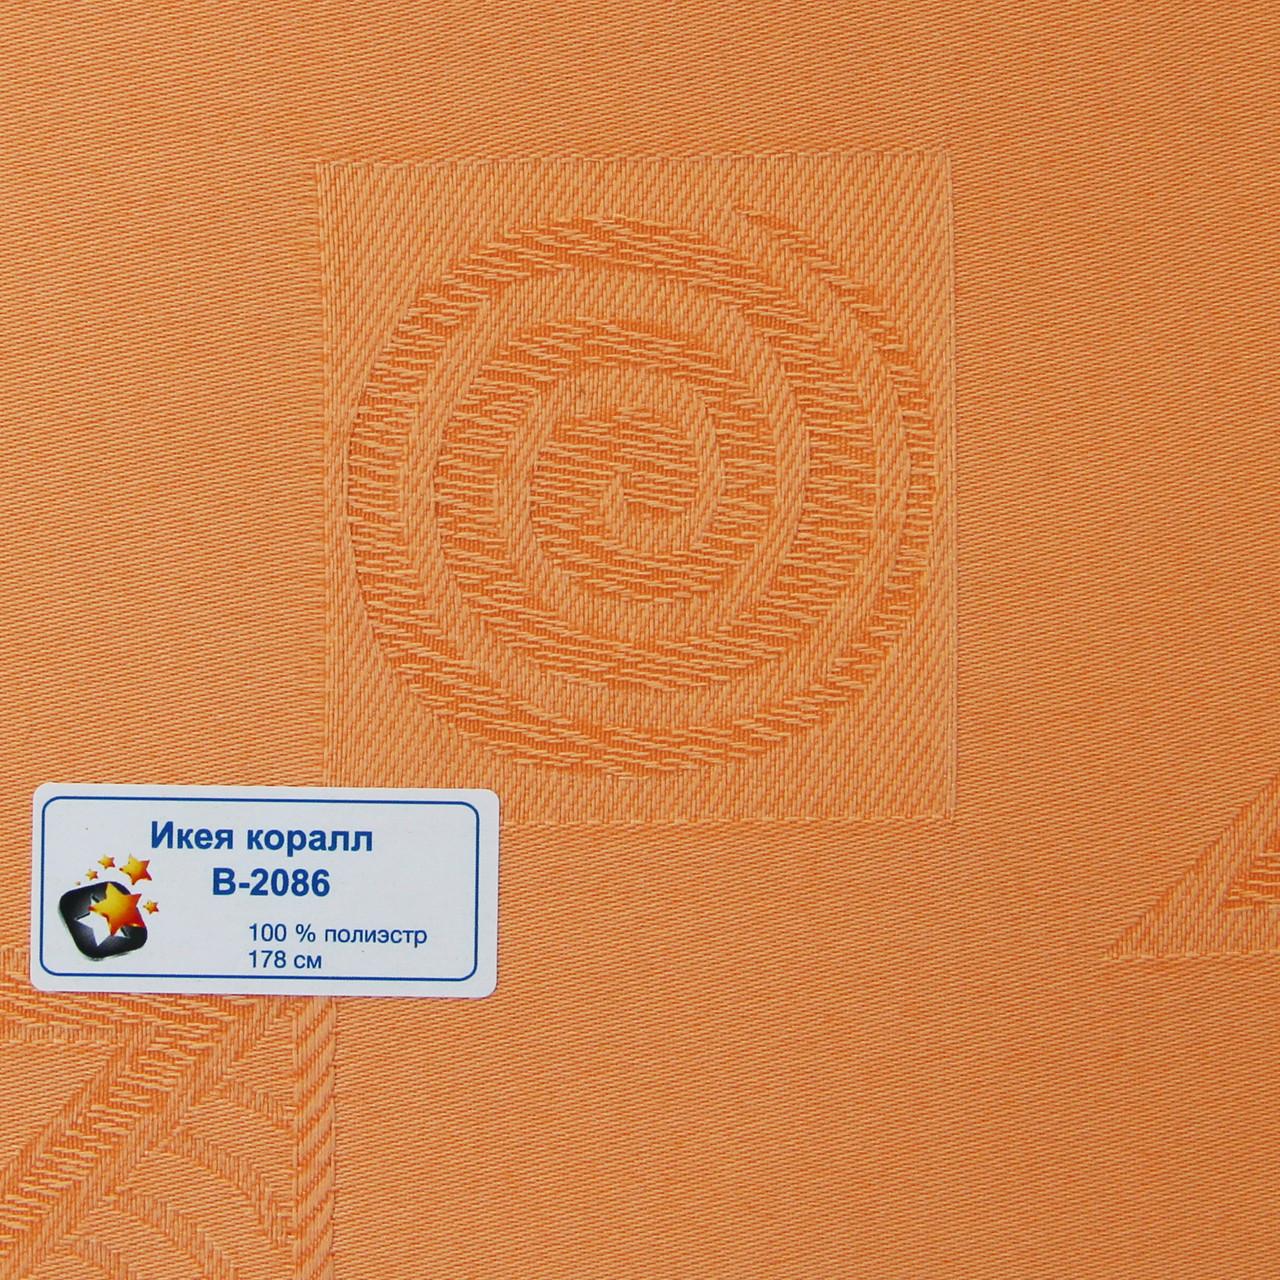 рулонные шторы ткань икеа 2086 коралл продажа цена в одессе